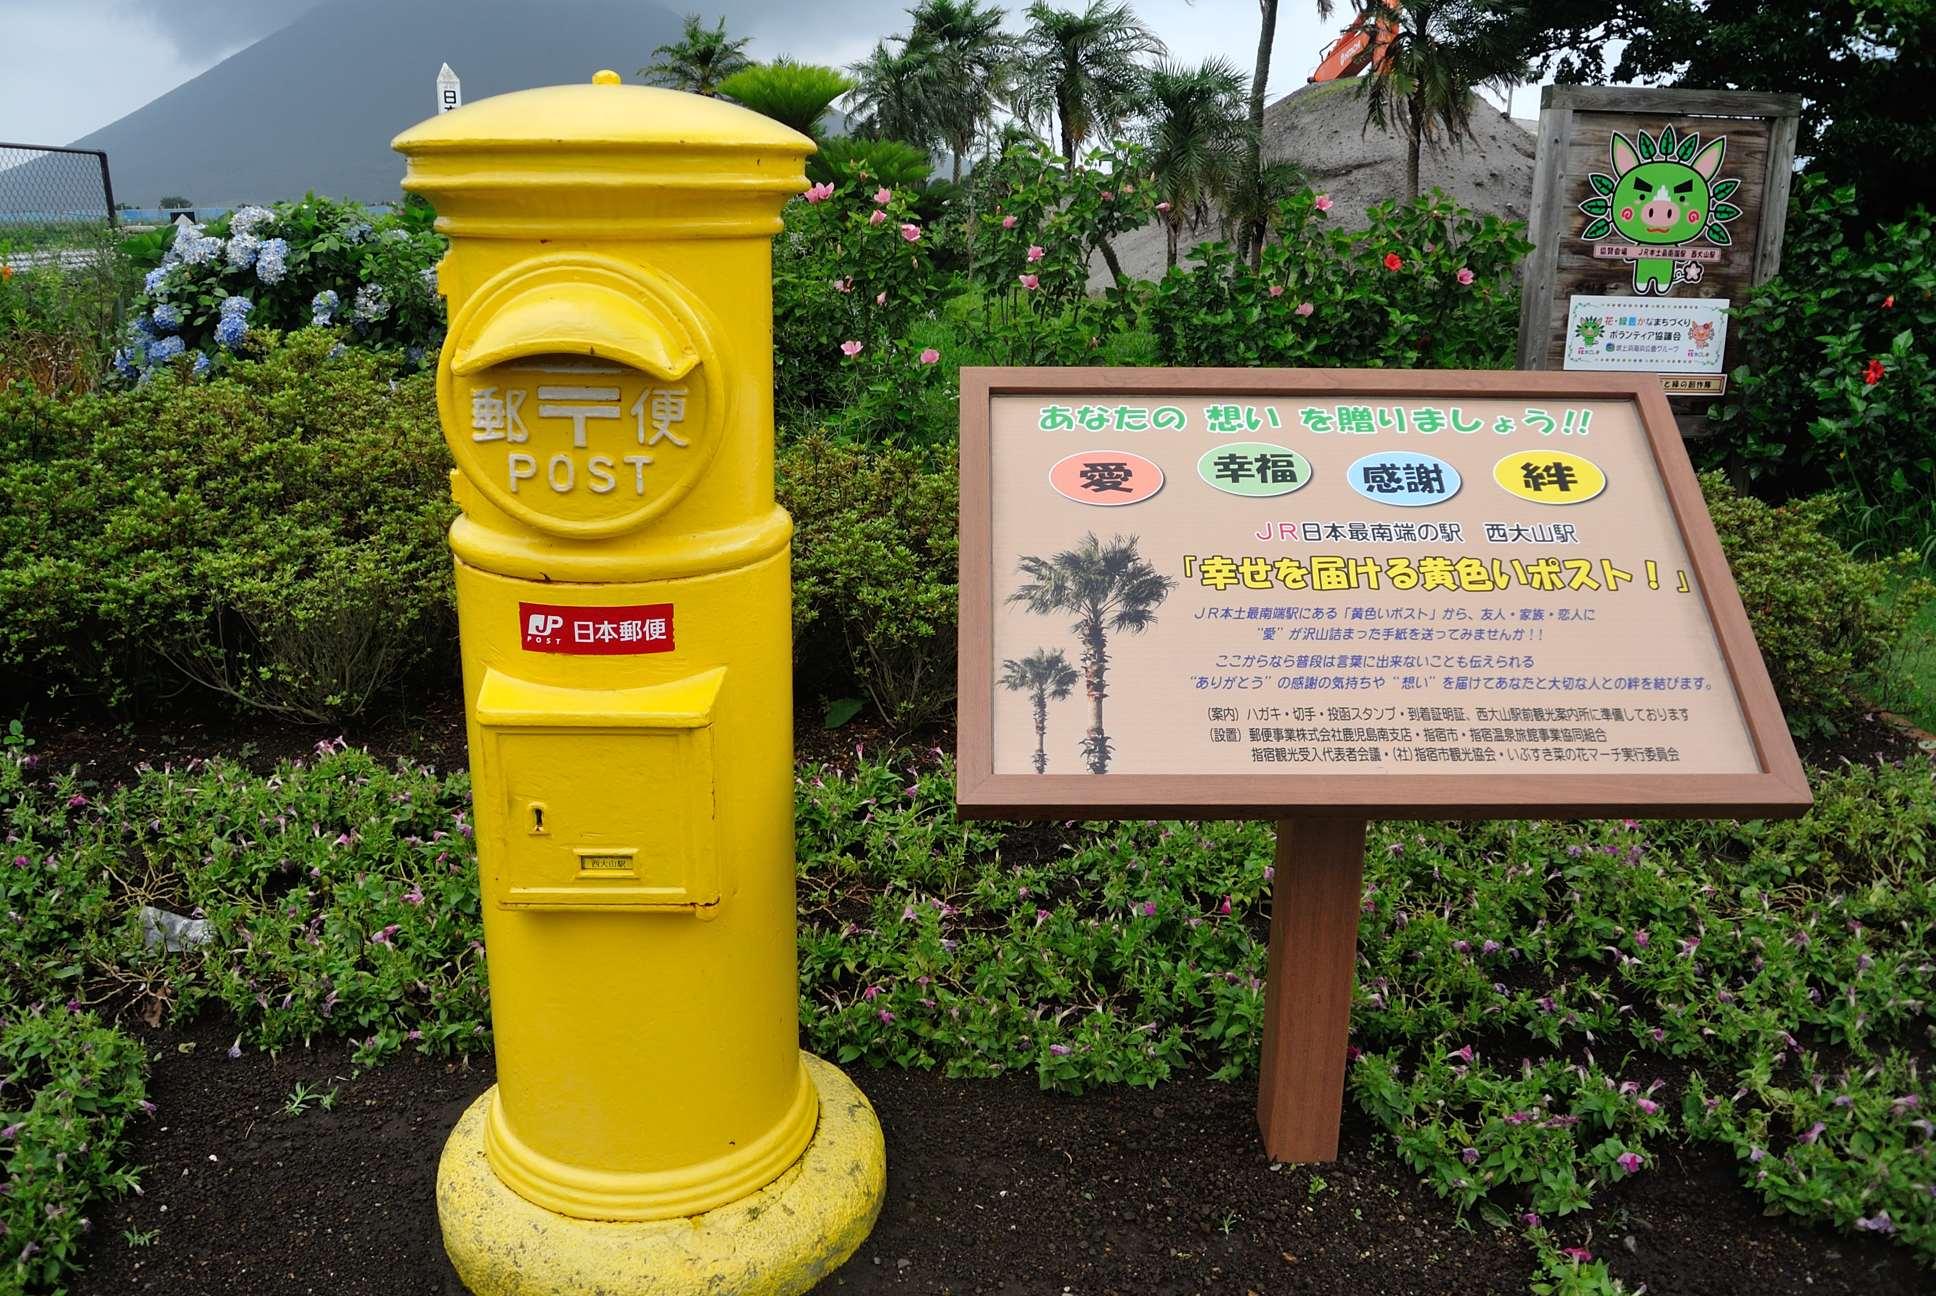 西大山駅のポストは黄色い